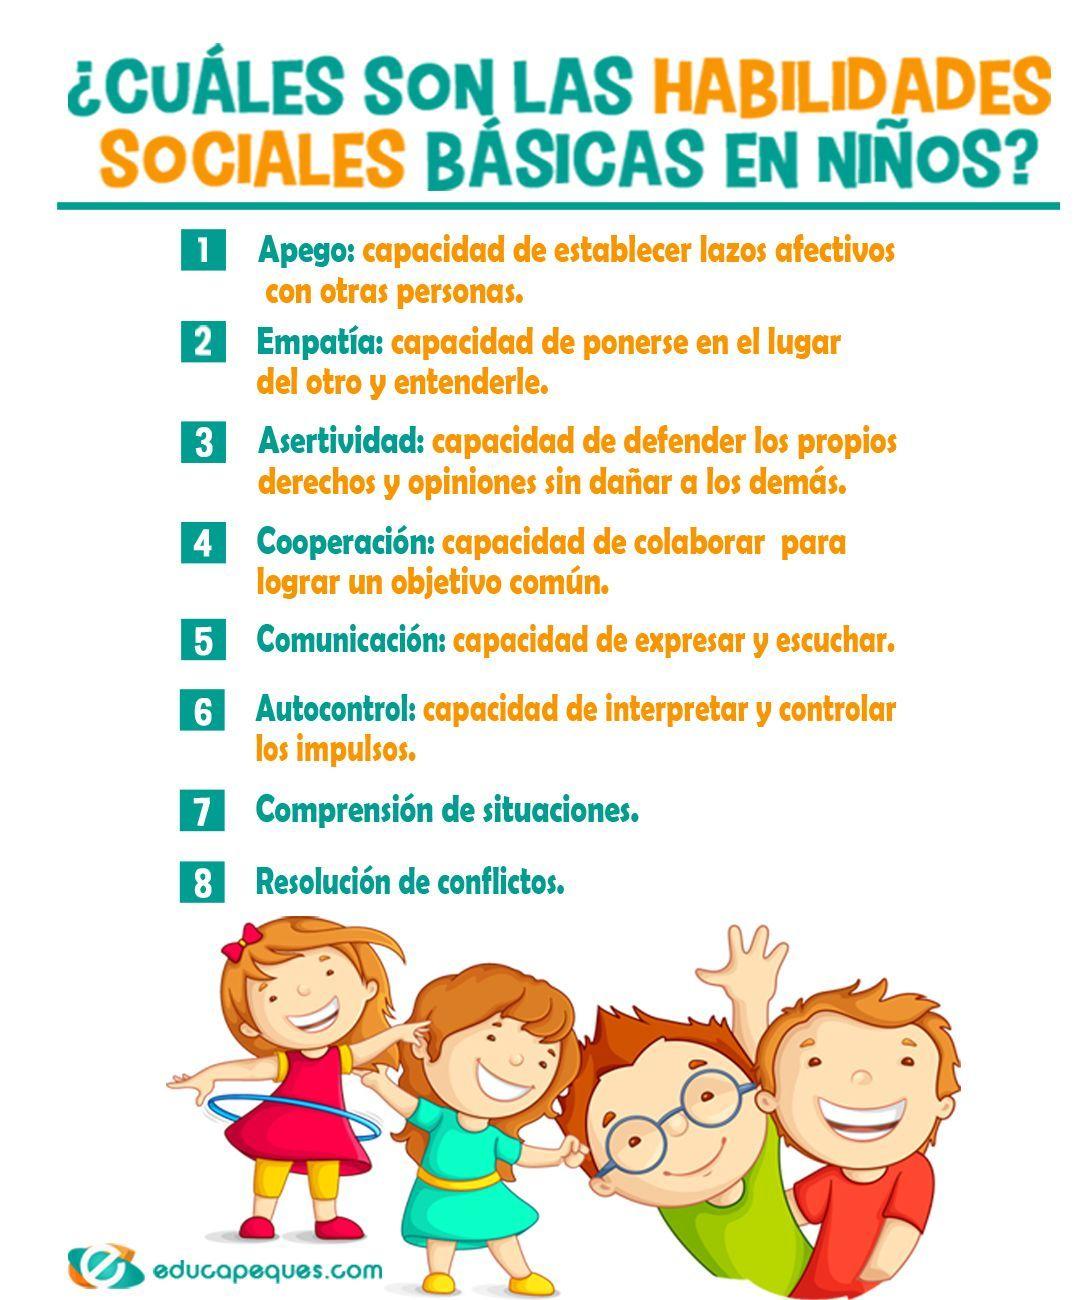 160 Ideas De Educación Niño En 2021 Educacion Educación De Niños Educacion Emocional Infantil